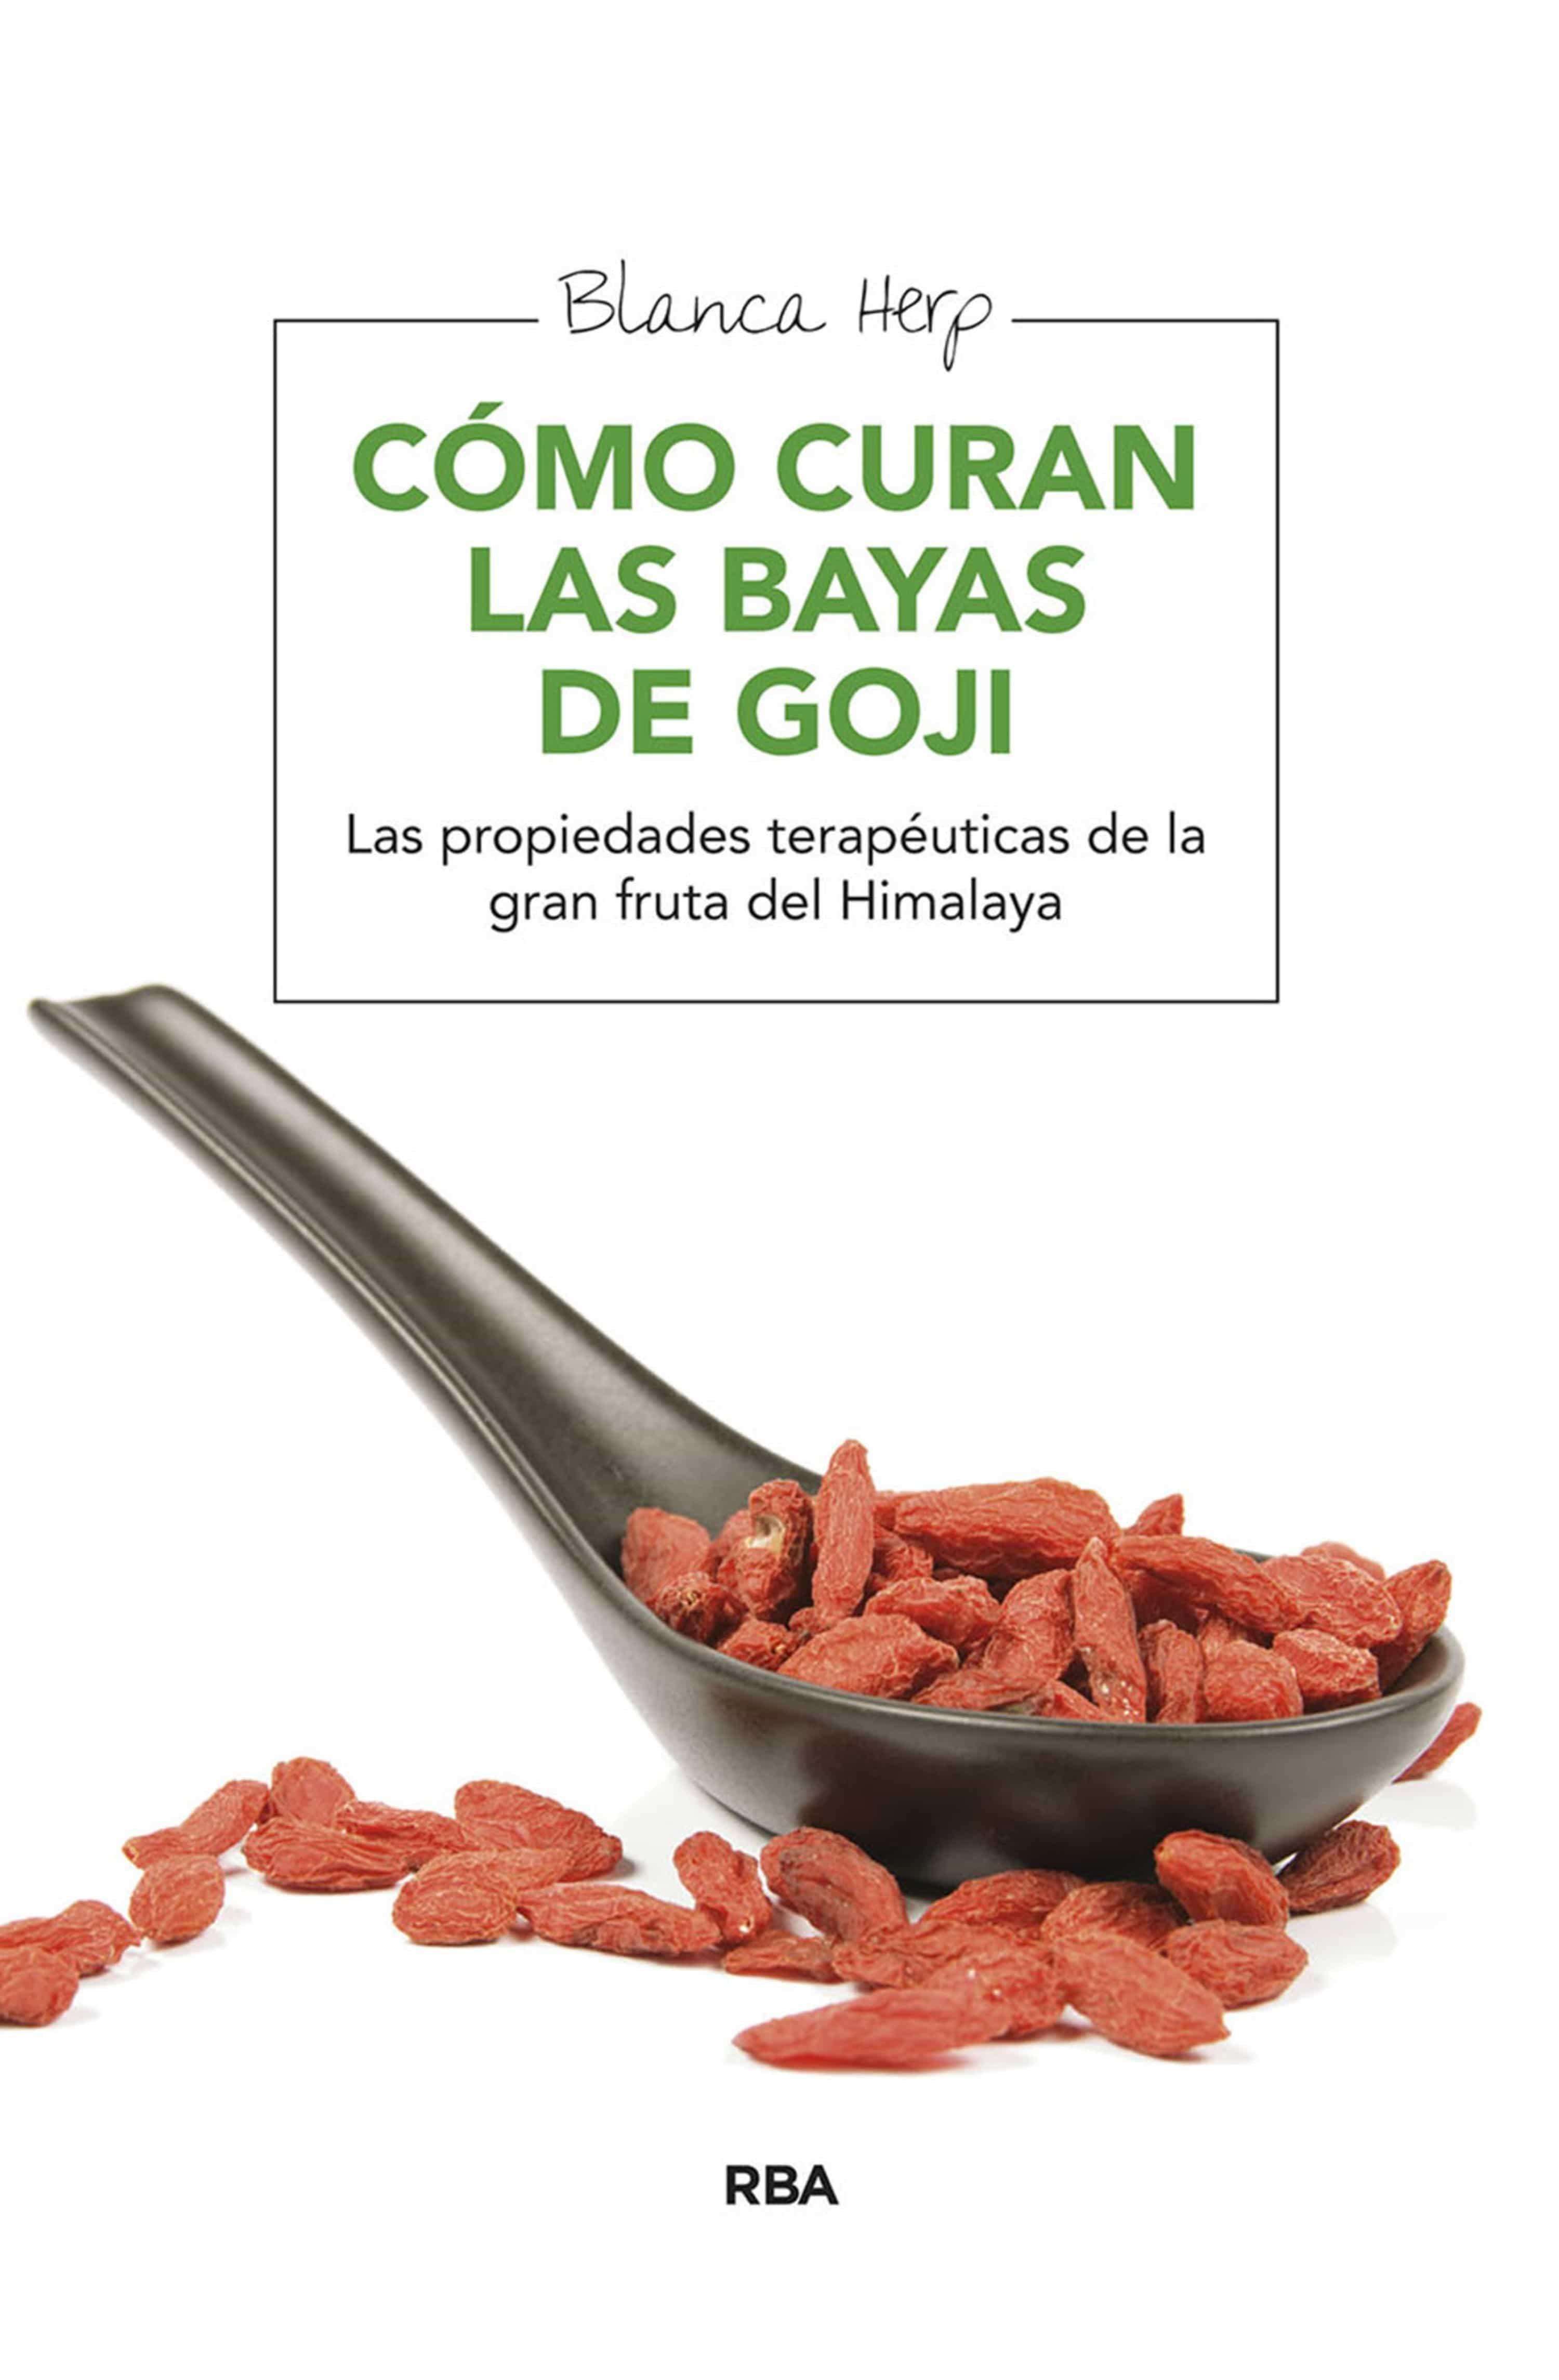 Cómo Curan Las Bayas De Goji Ebook Nutrición Y Dietas El Corte Inglés